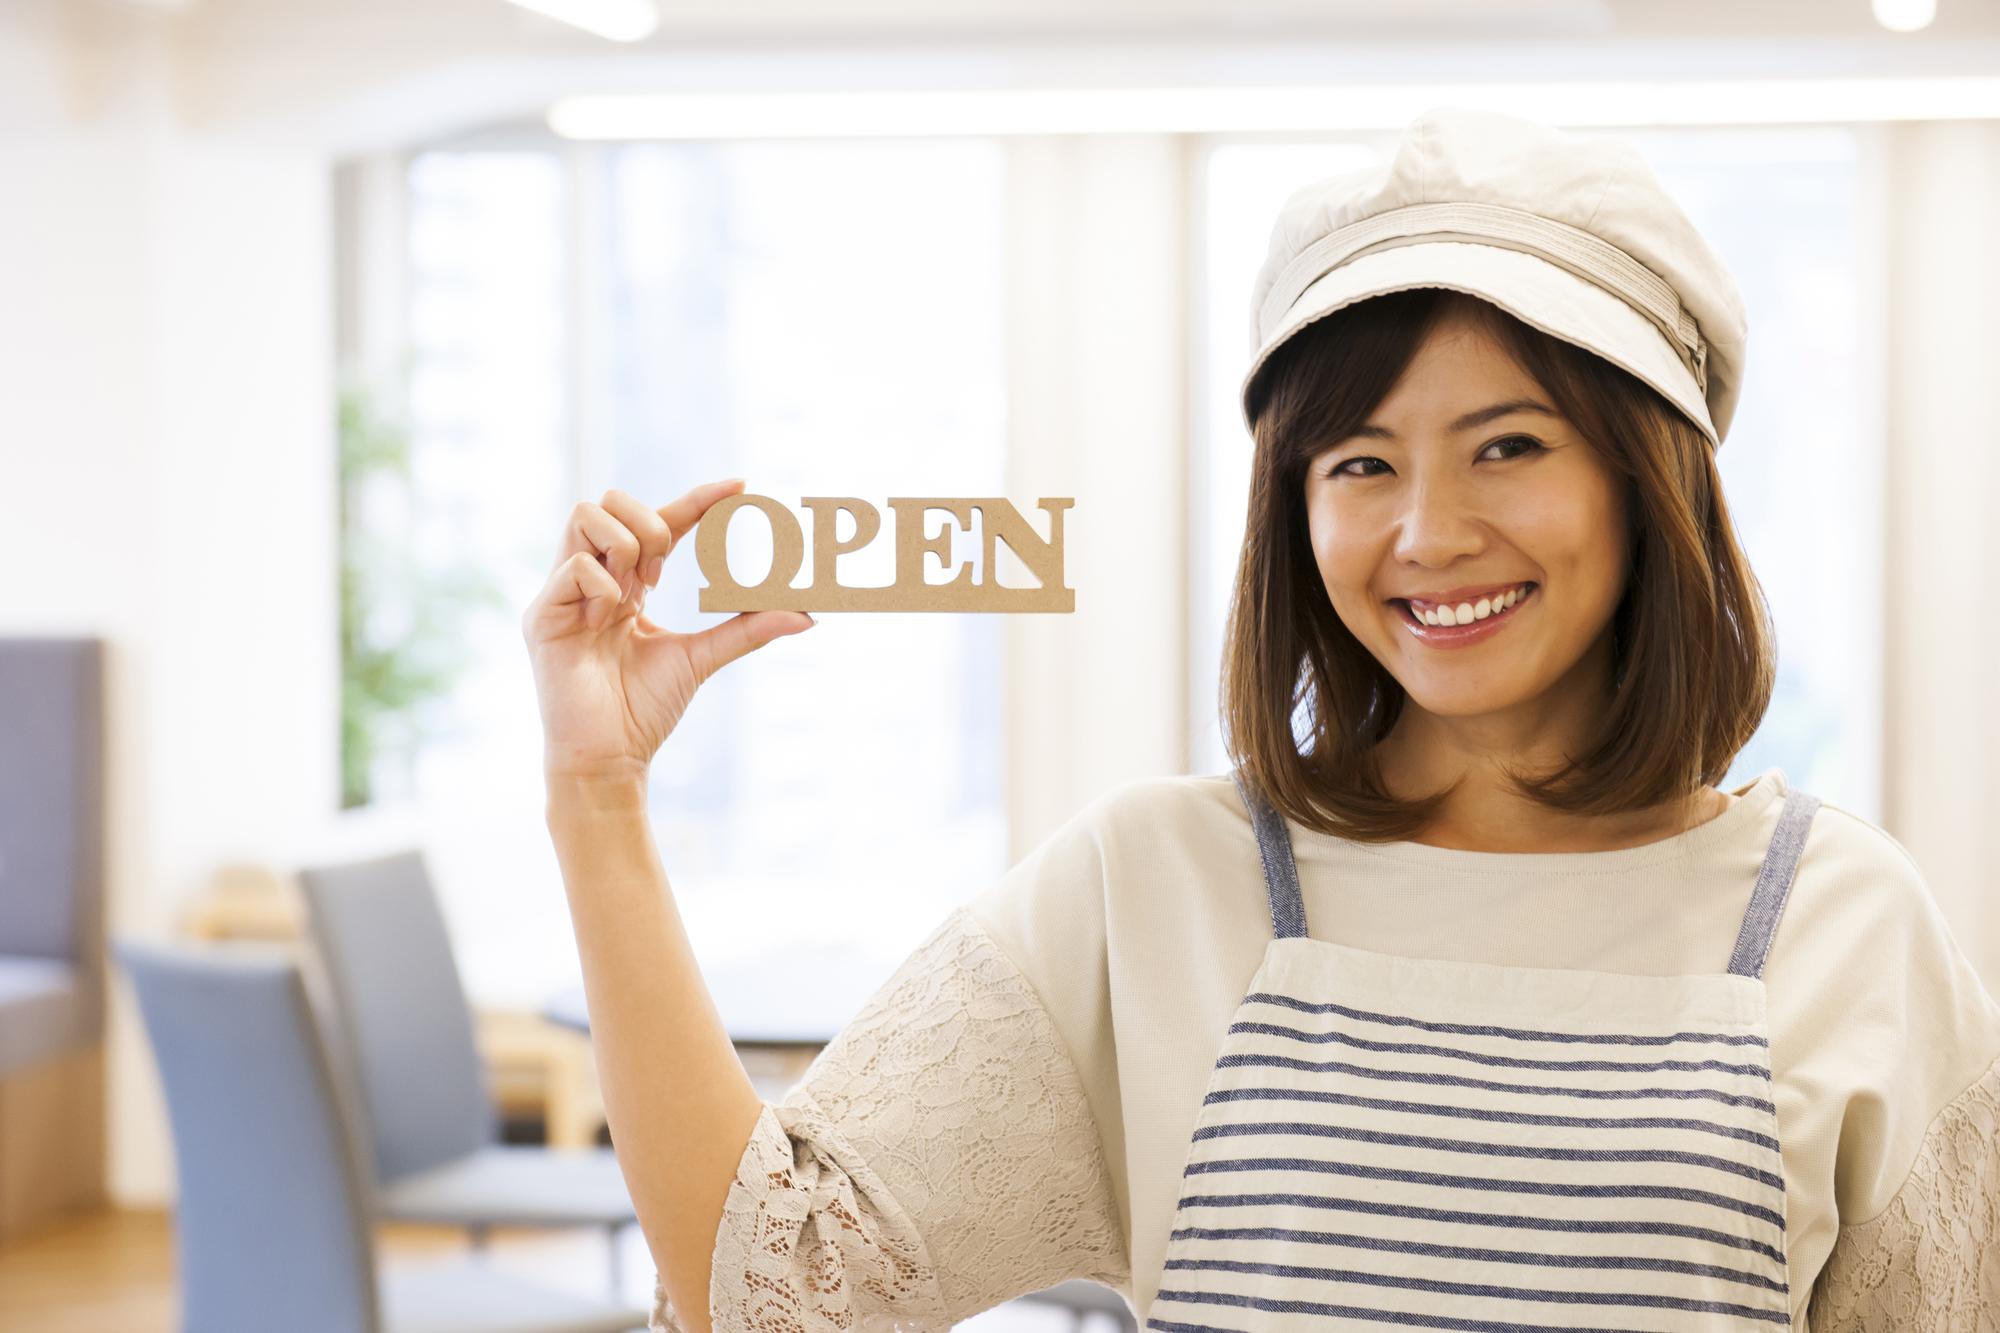 開業祝いや開店祝いの人気のギフトについて。マナーや相場も解説